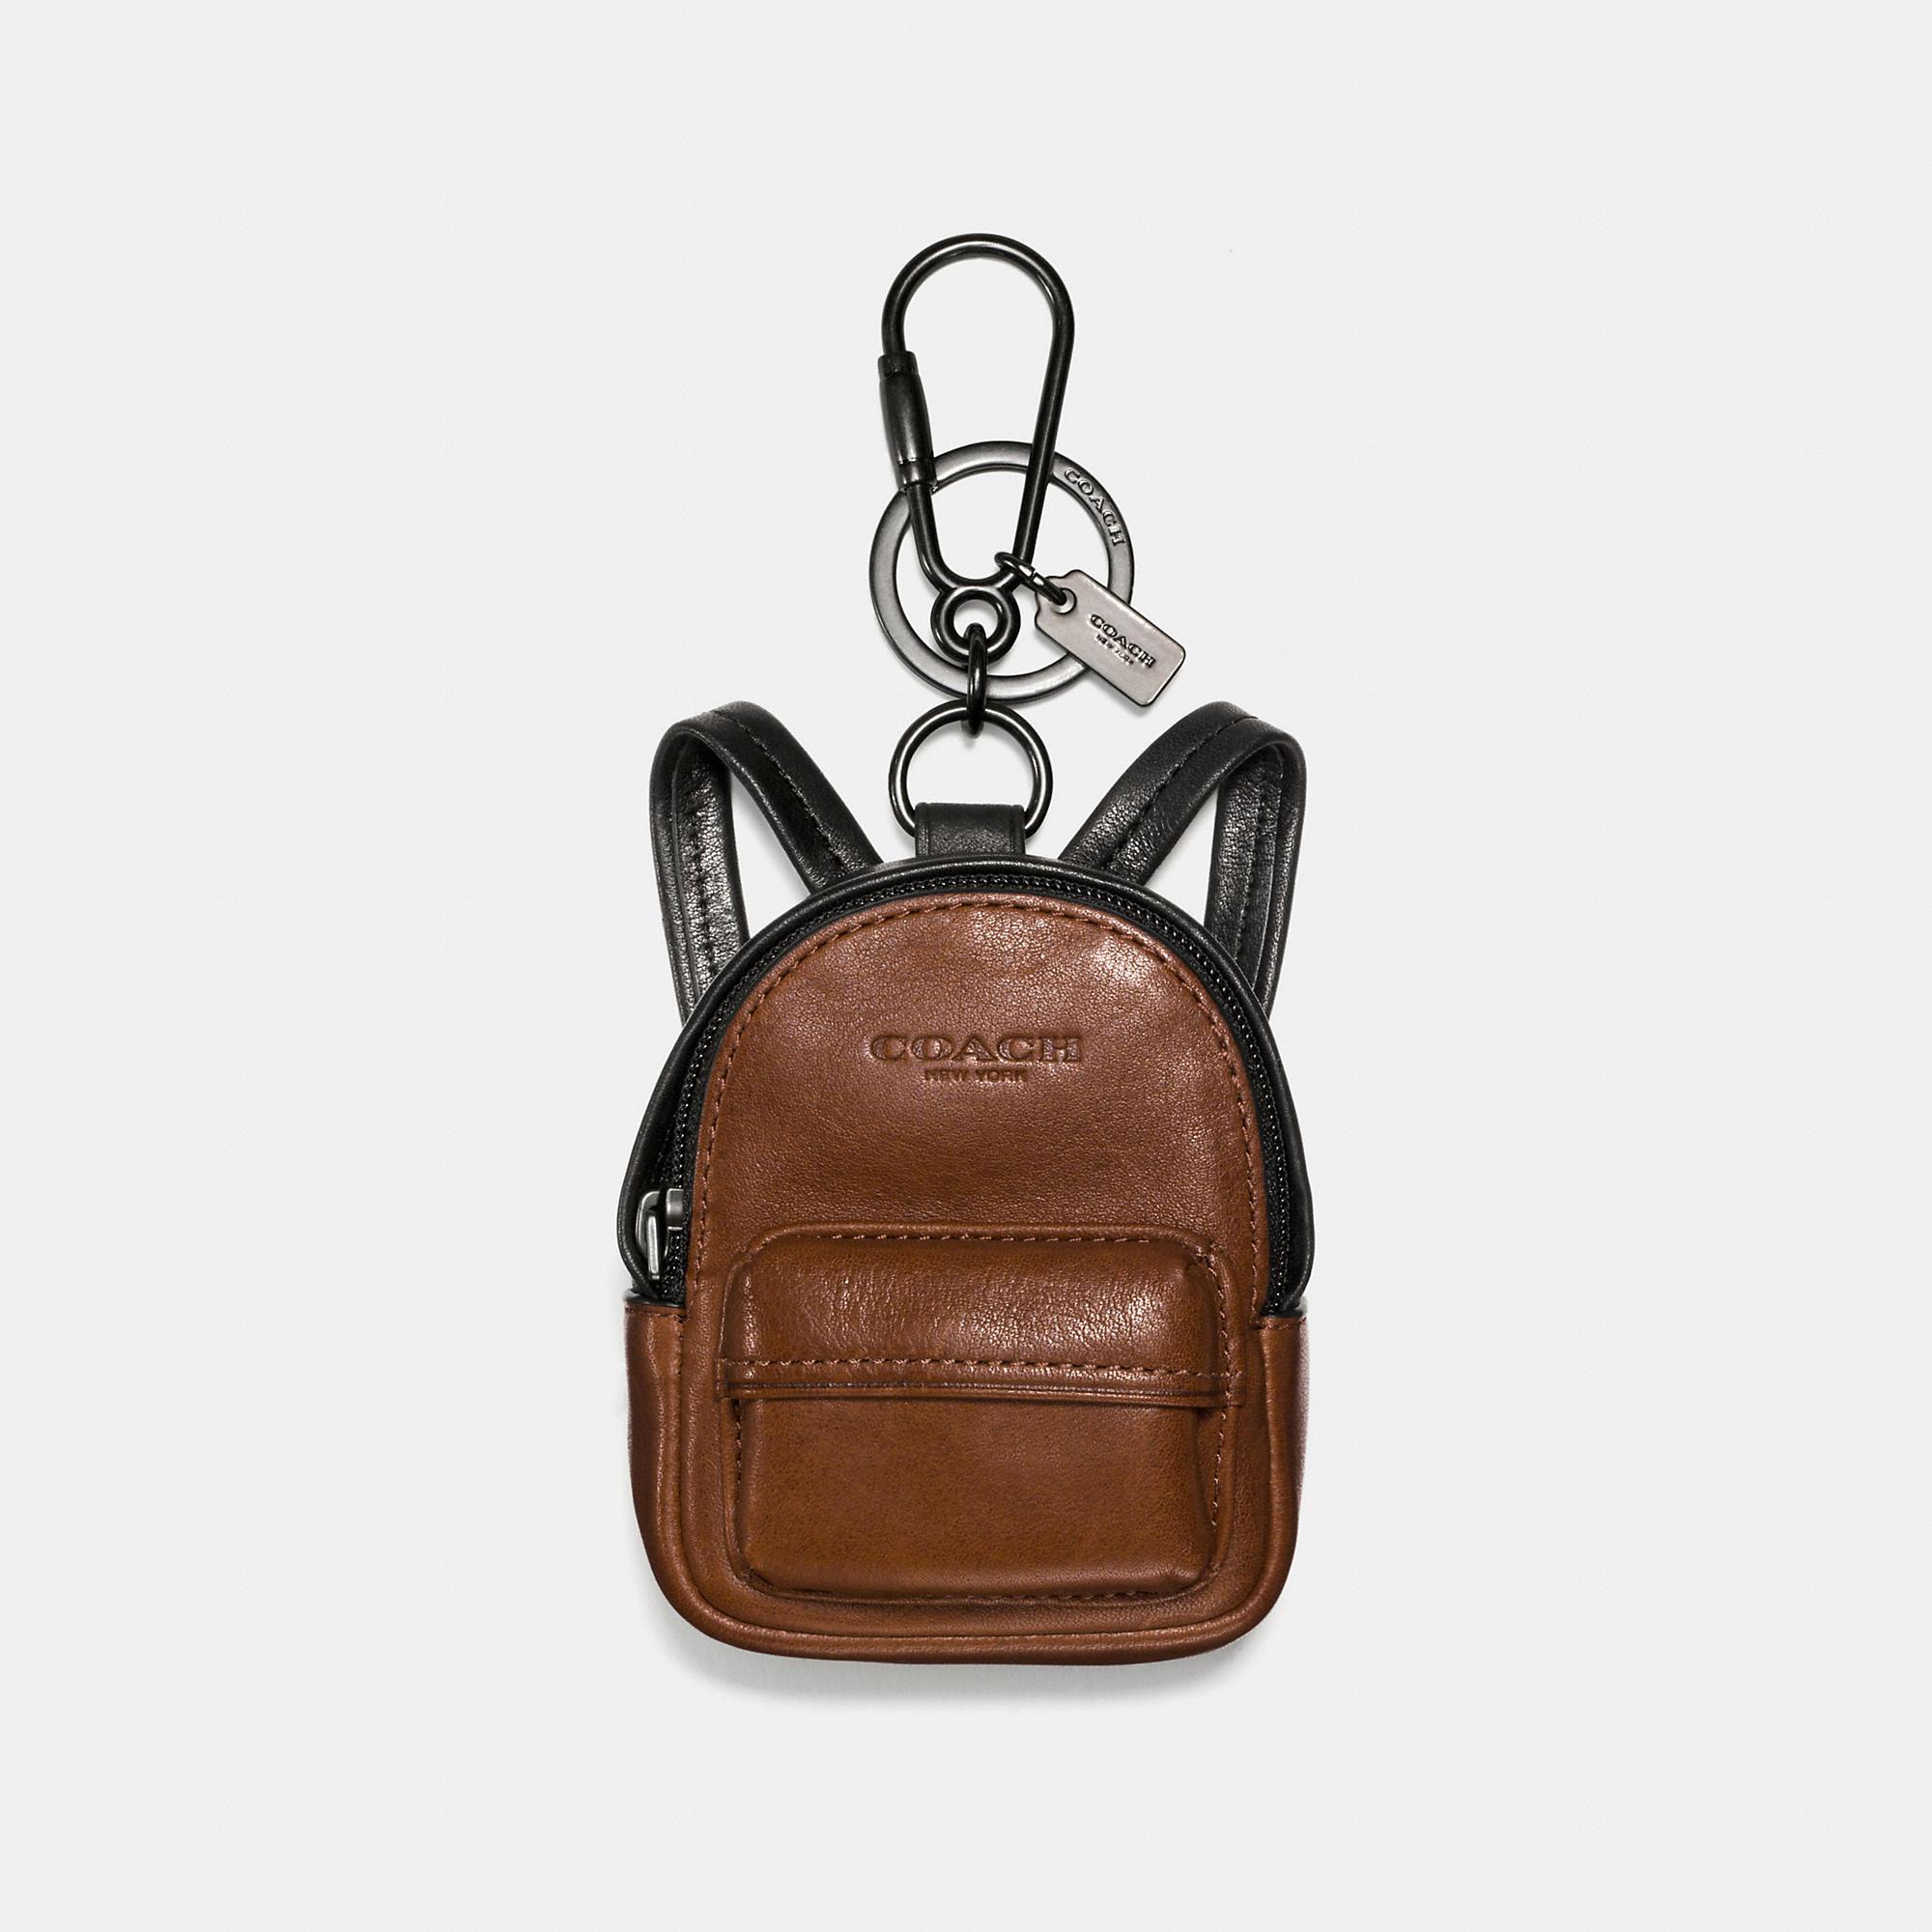 Coach Backpack Charm